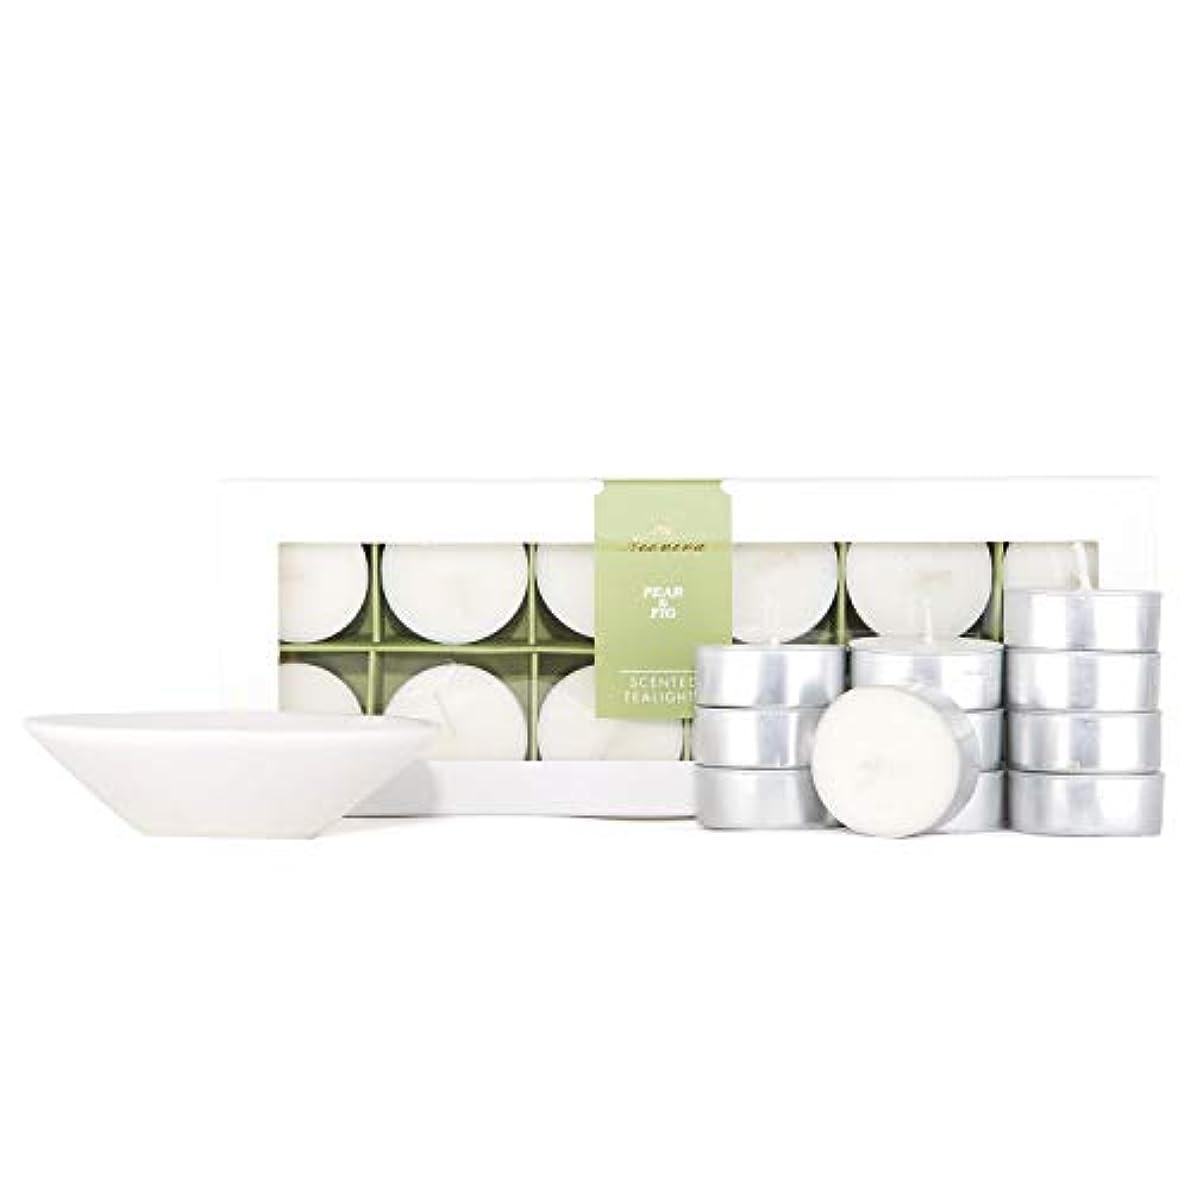 急いで圧縮されたいとこNEOVIVA HOME アロマテラピーキャンドル 100%天然エッセンシャルオイル 香り付きキャンドル 大豆ワックス ストレス解消 アロマセラピー用 ギフトセット 12パック Pear&Fig